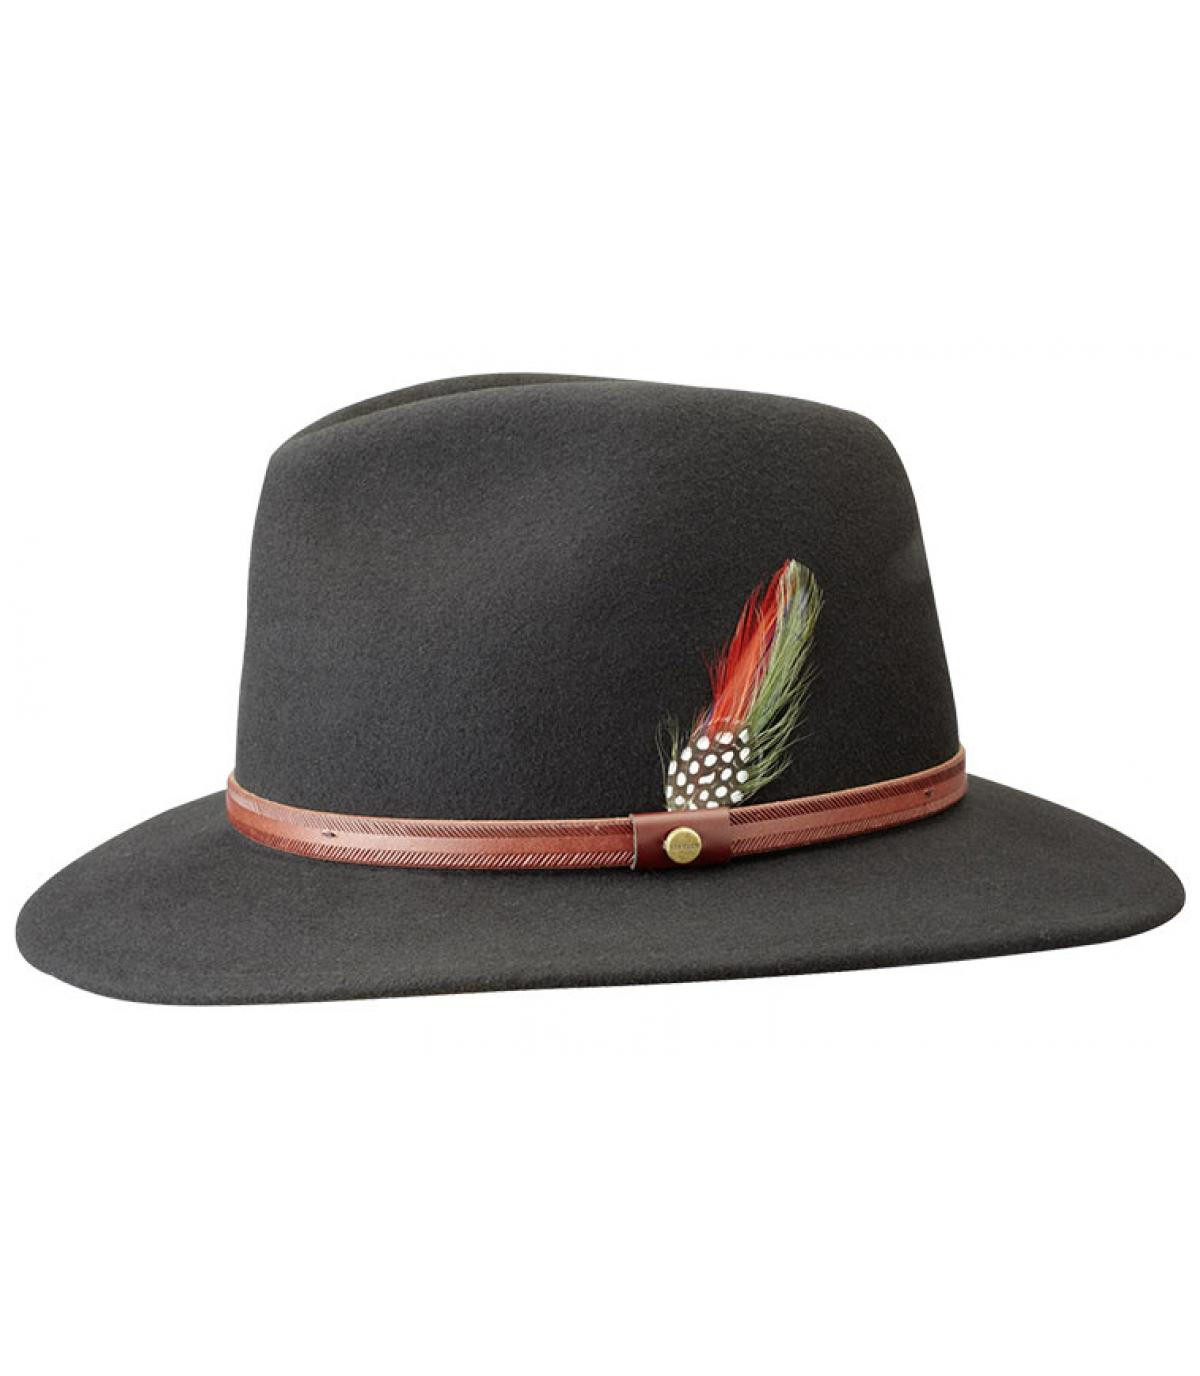 Sombrero feutre stetson